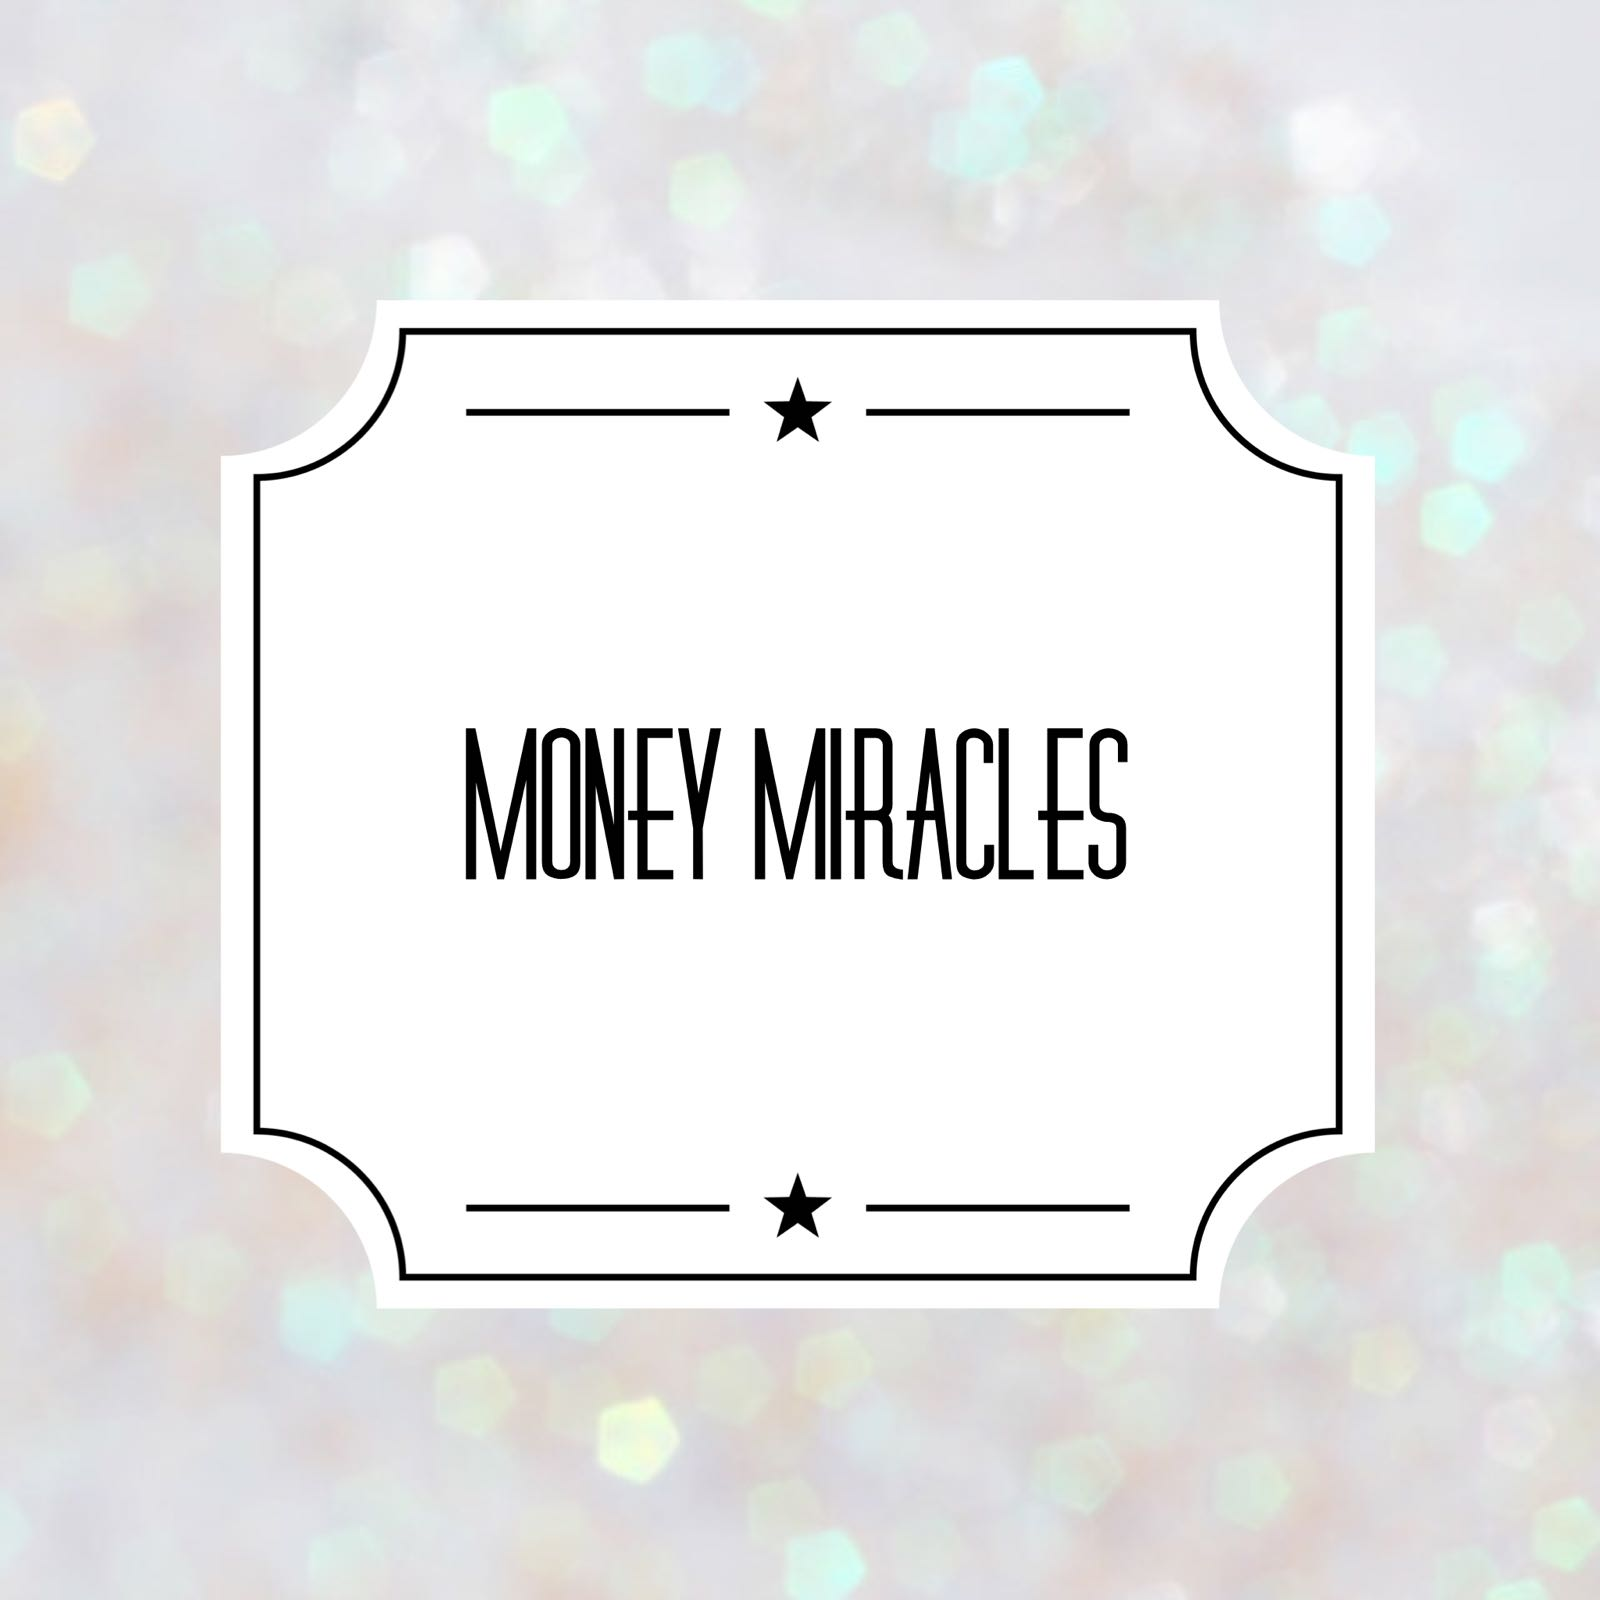 money miracles.jpeg